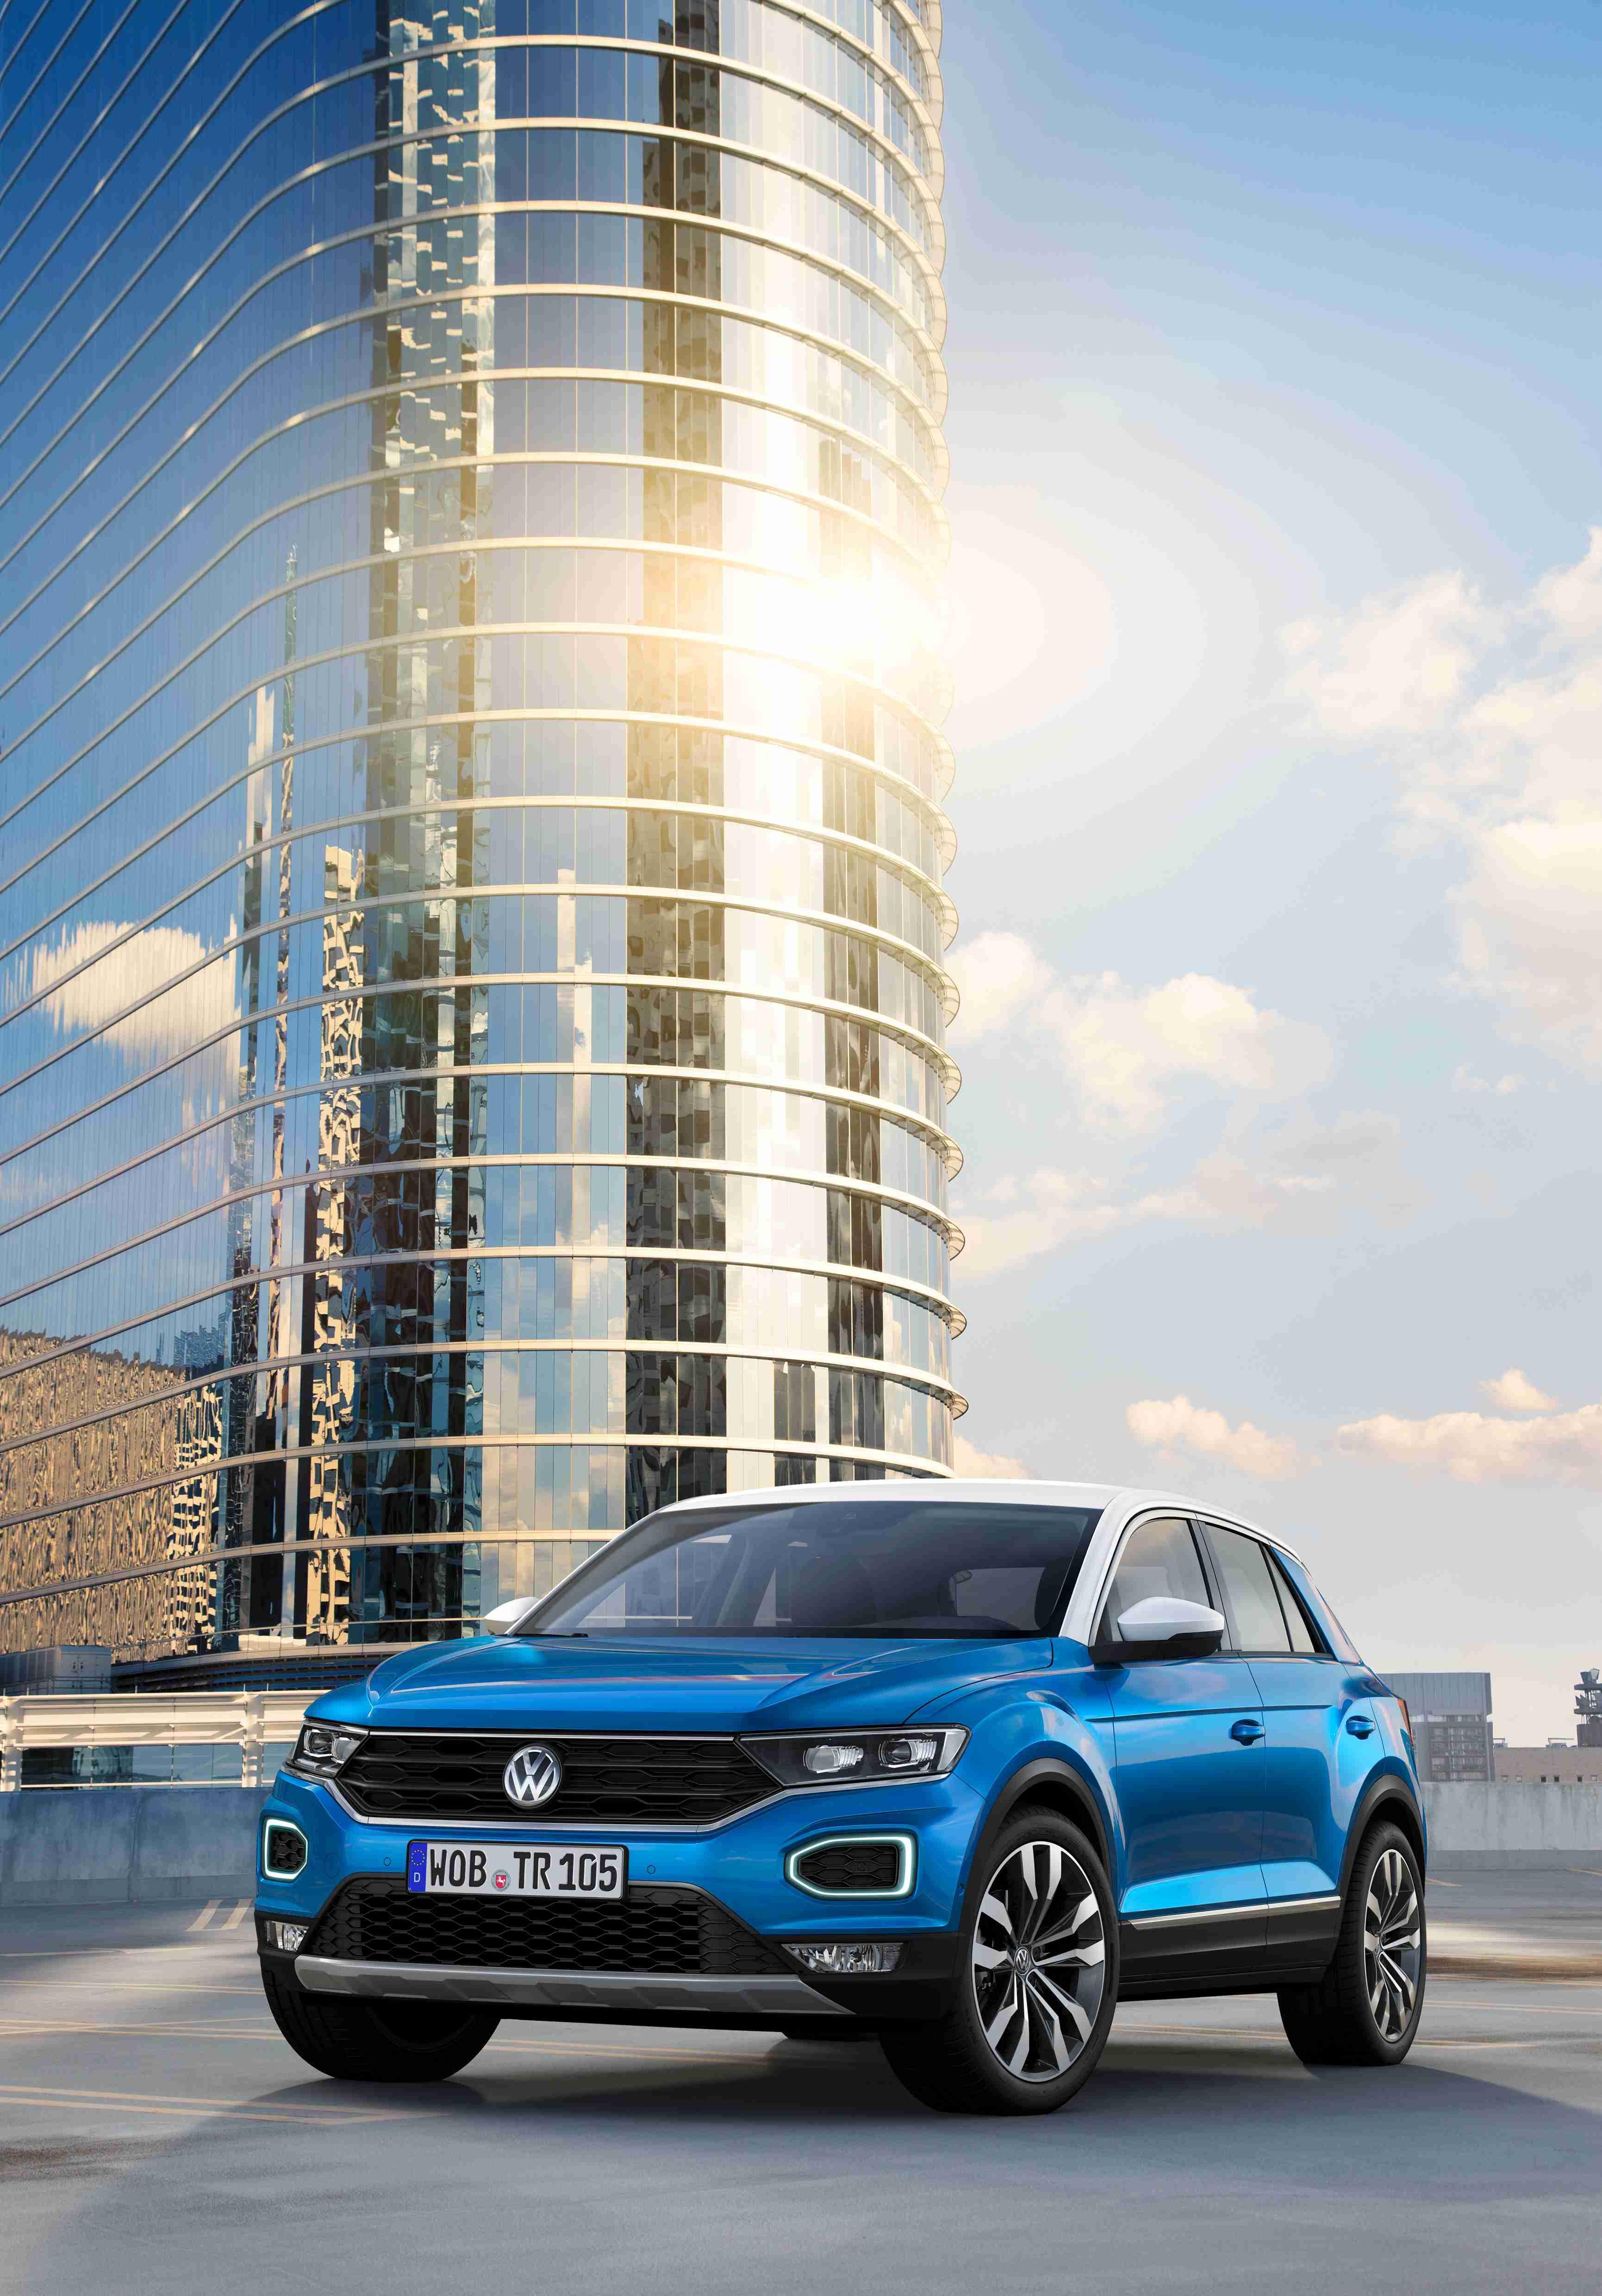 大众全新SUV T-Roc亮相  将由一汽大众引入国内